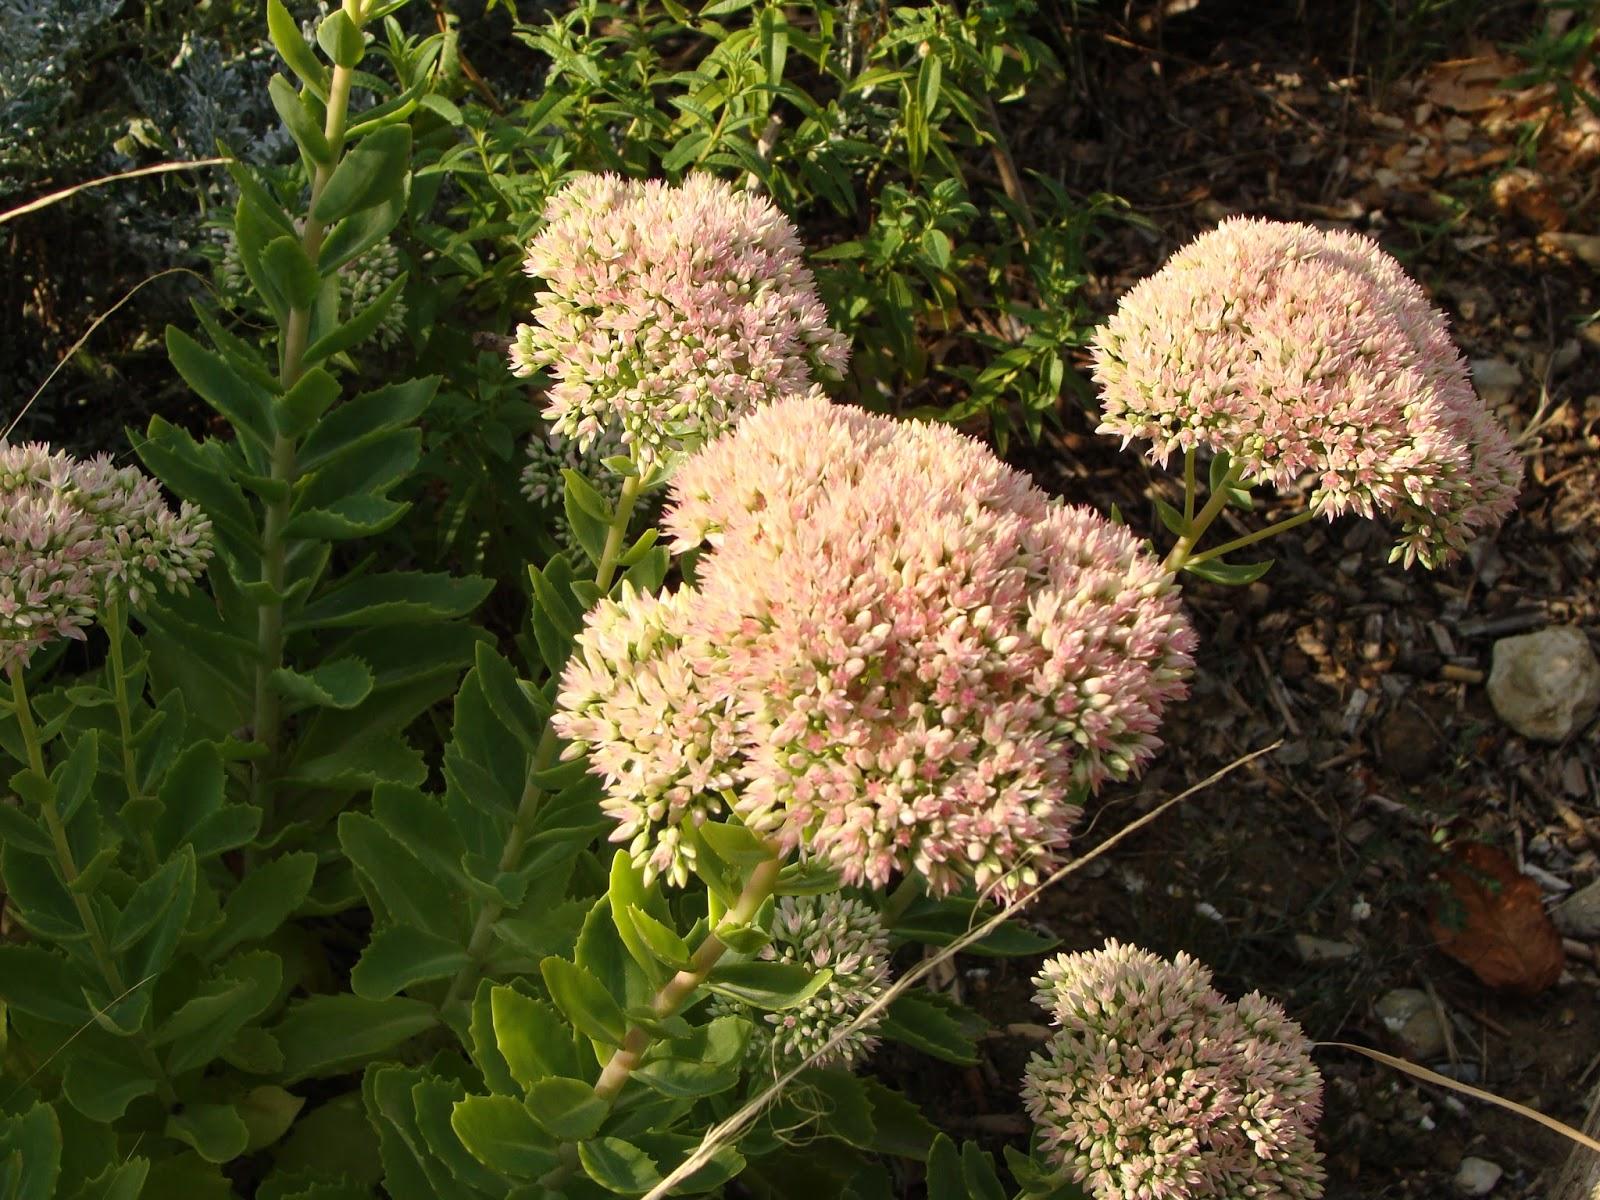 Plante Méditerranéenne Sans Arrosage jardine & ris: comment j'ai super réussi mon jardin sec